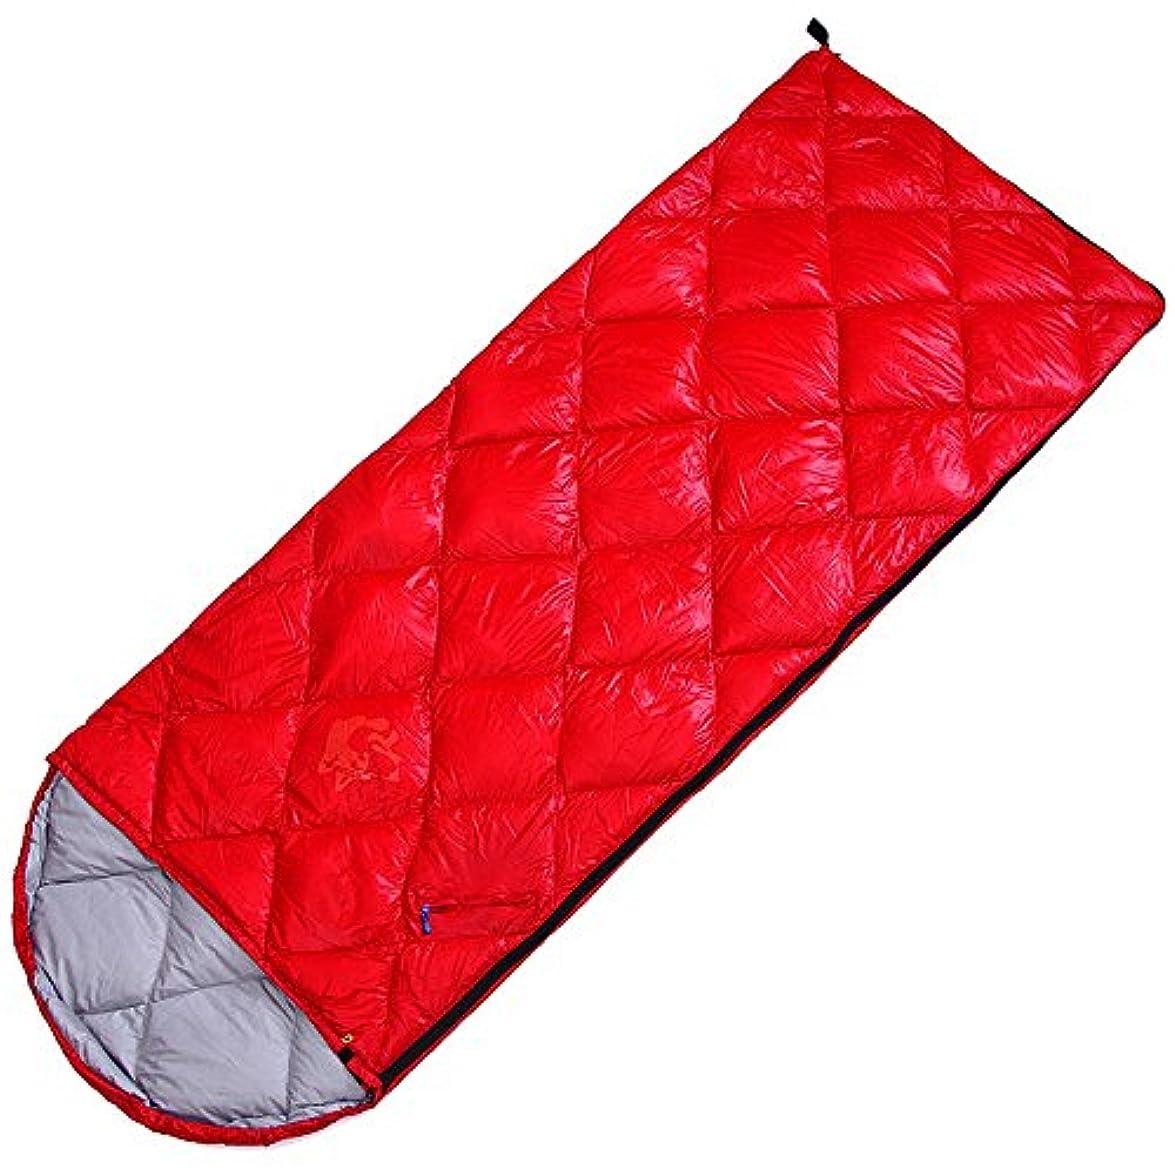 演じる関連するアジャOkiiting 通気性の寝袋屋外の寝袋防水通気性暖かく快適な防湿防風 うまく設計された